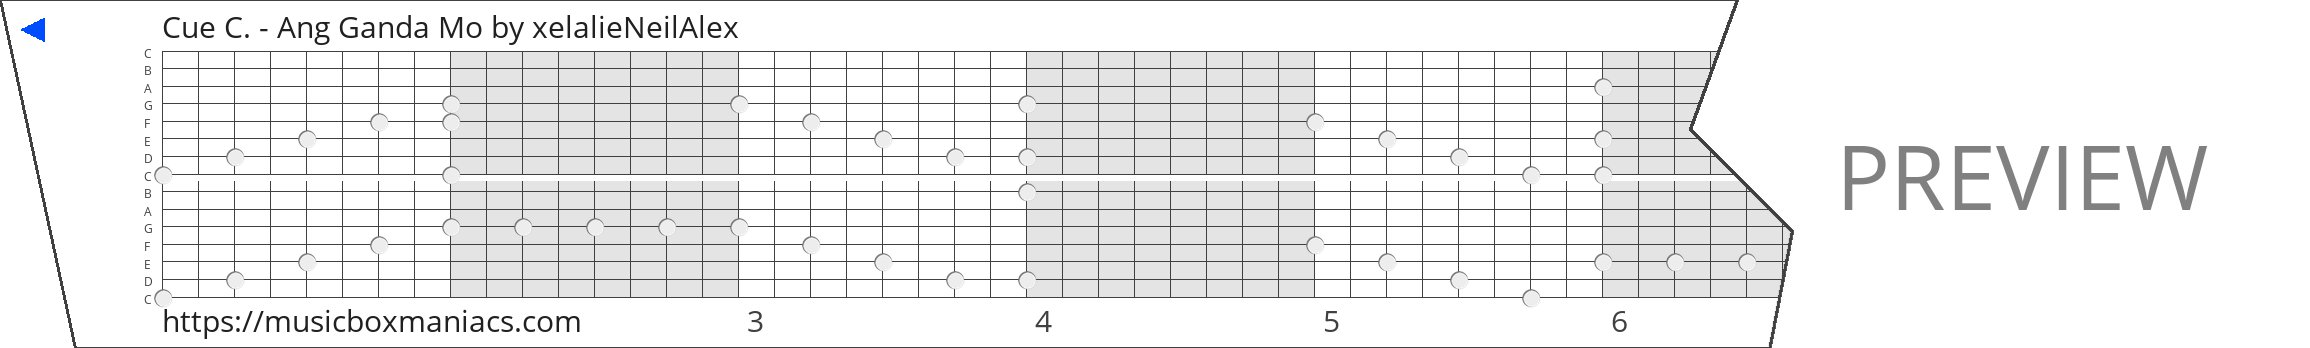 Cue C. - Ang Ganda Mo 15 note music box paper strip